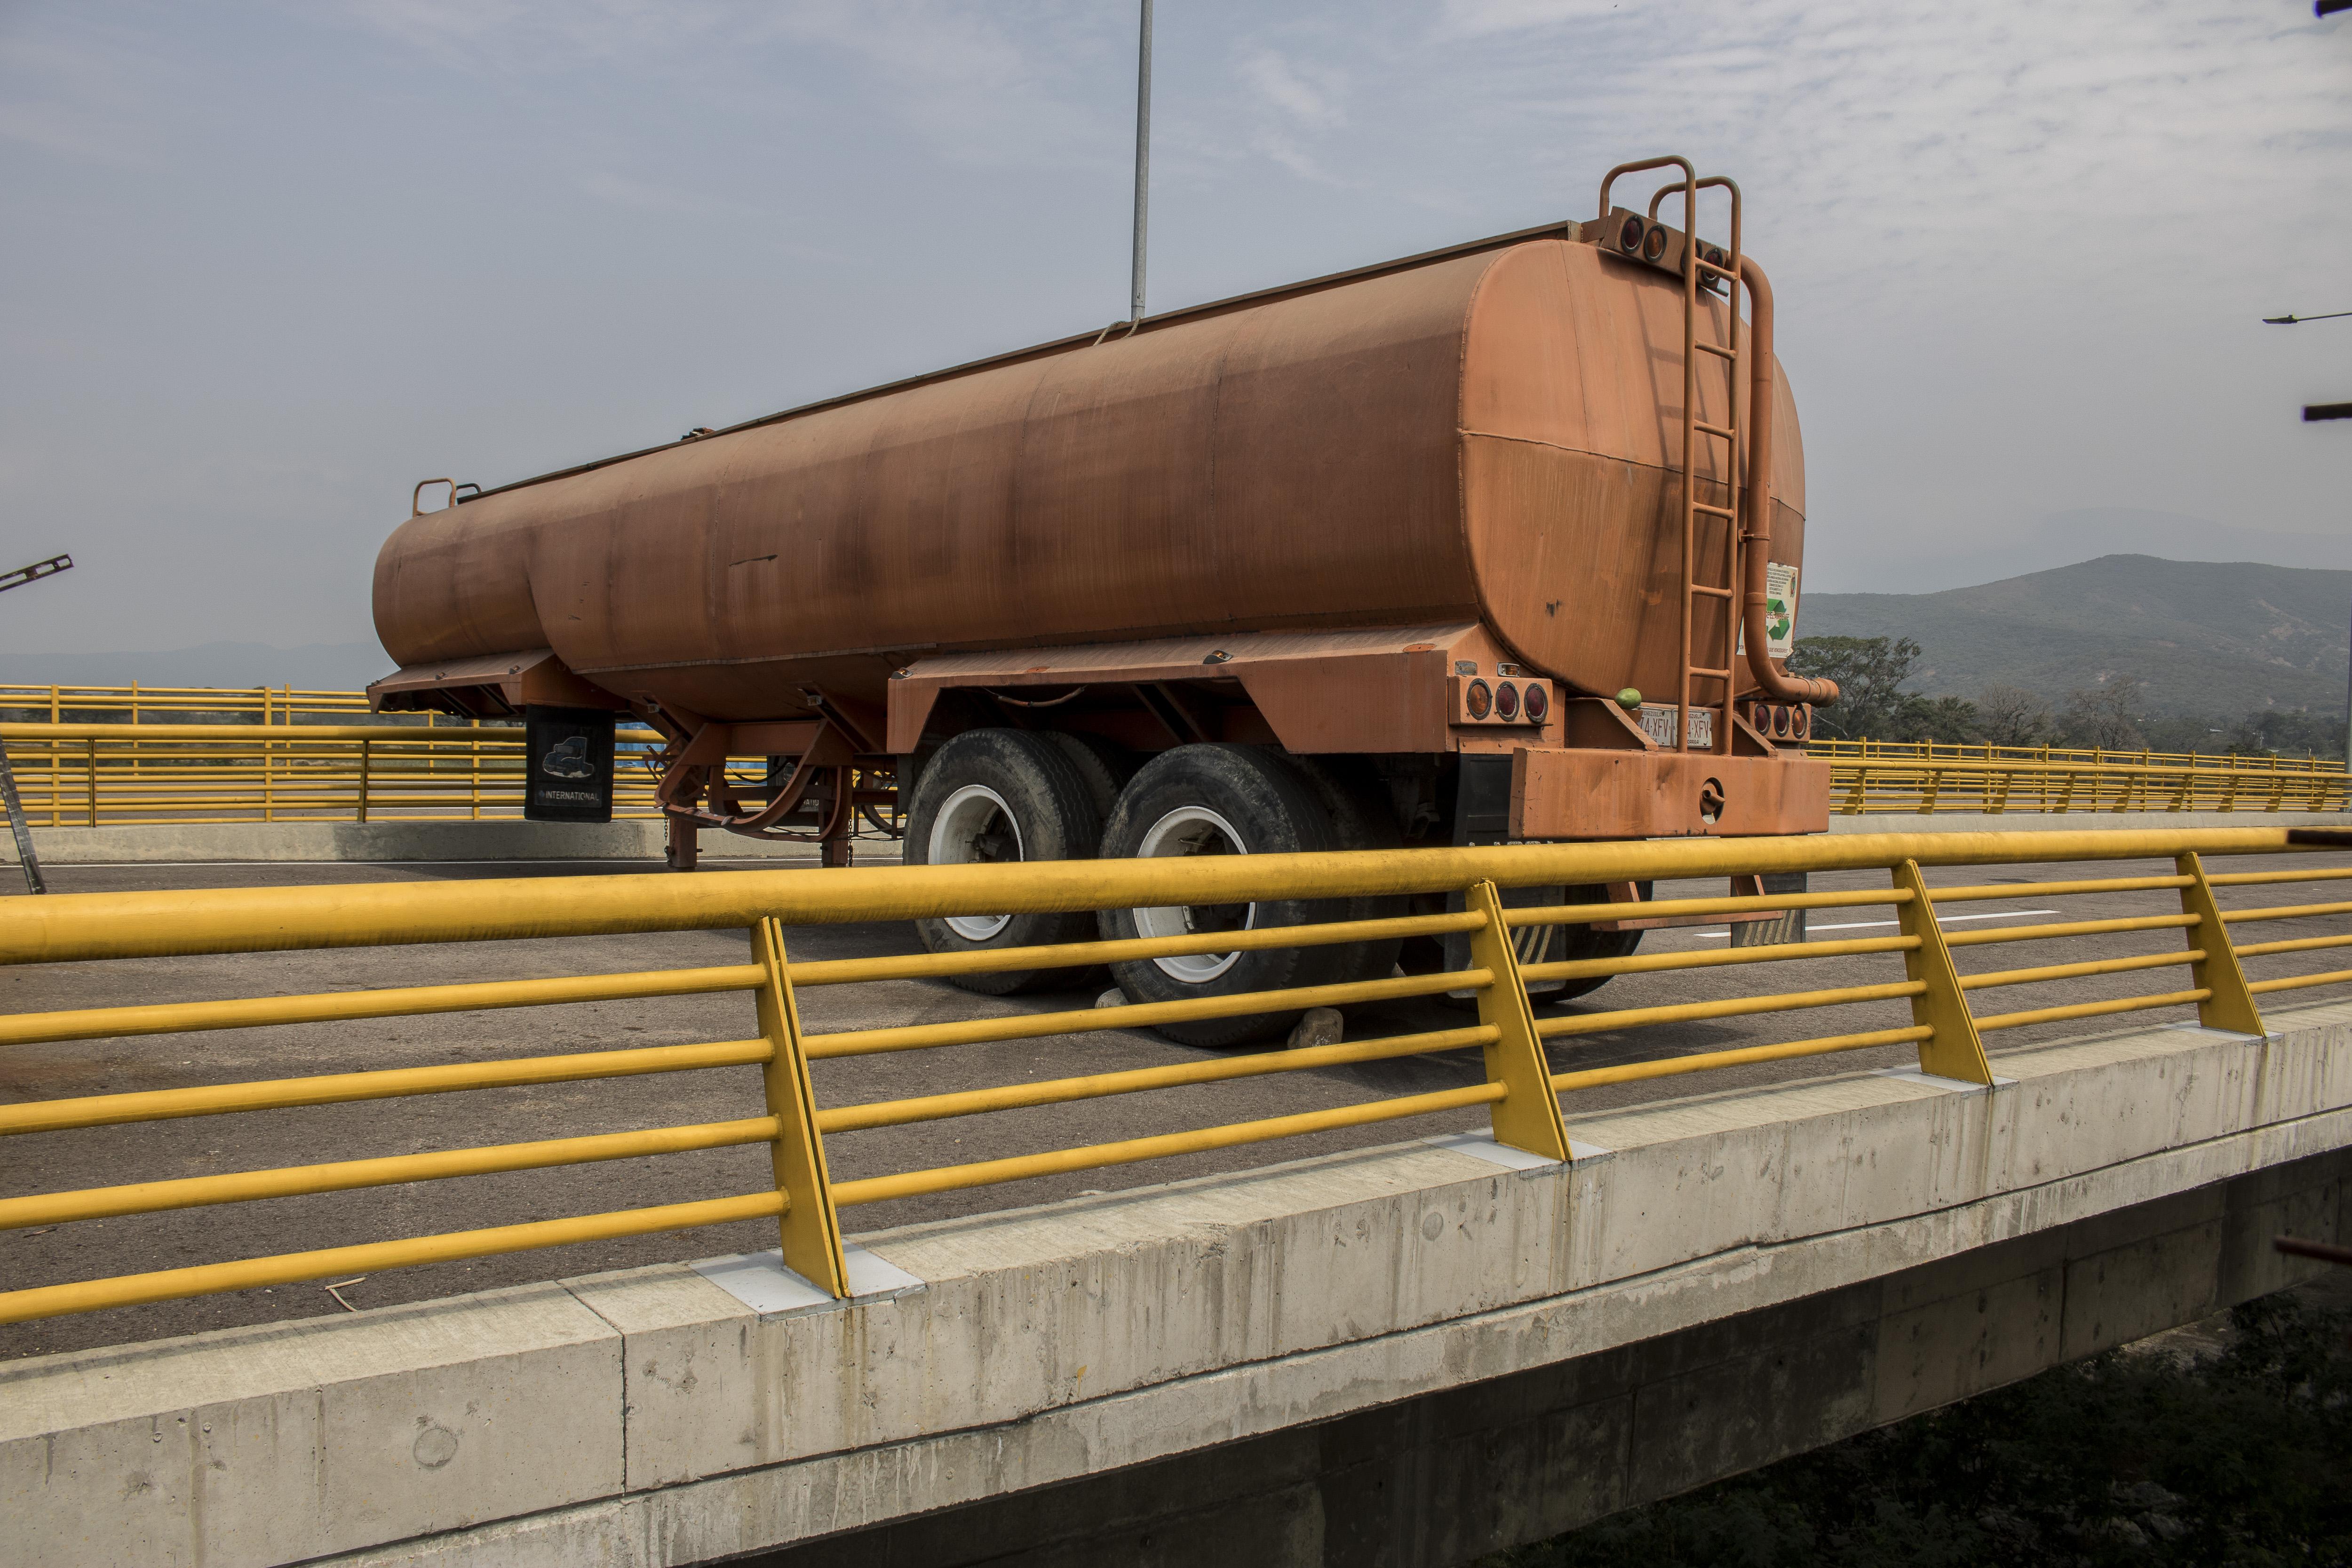 Barikádot emelt a venezuelai hadsereg a határra, hogy megakadályozza a segélyek bejuttatását